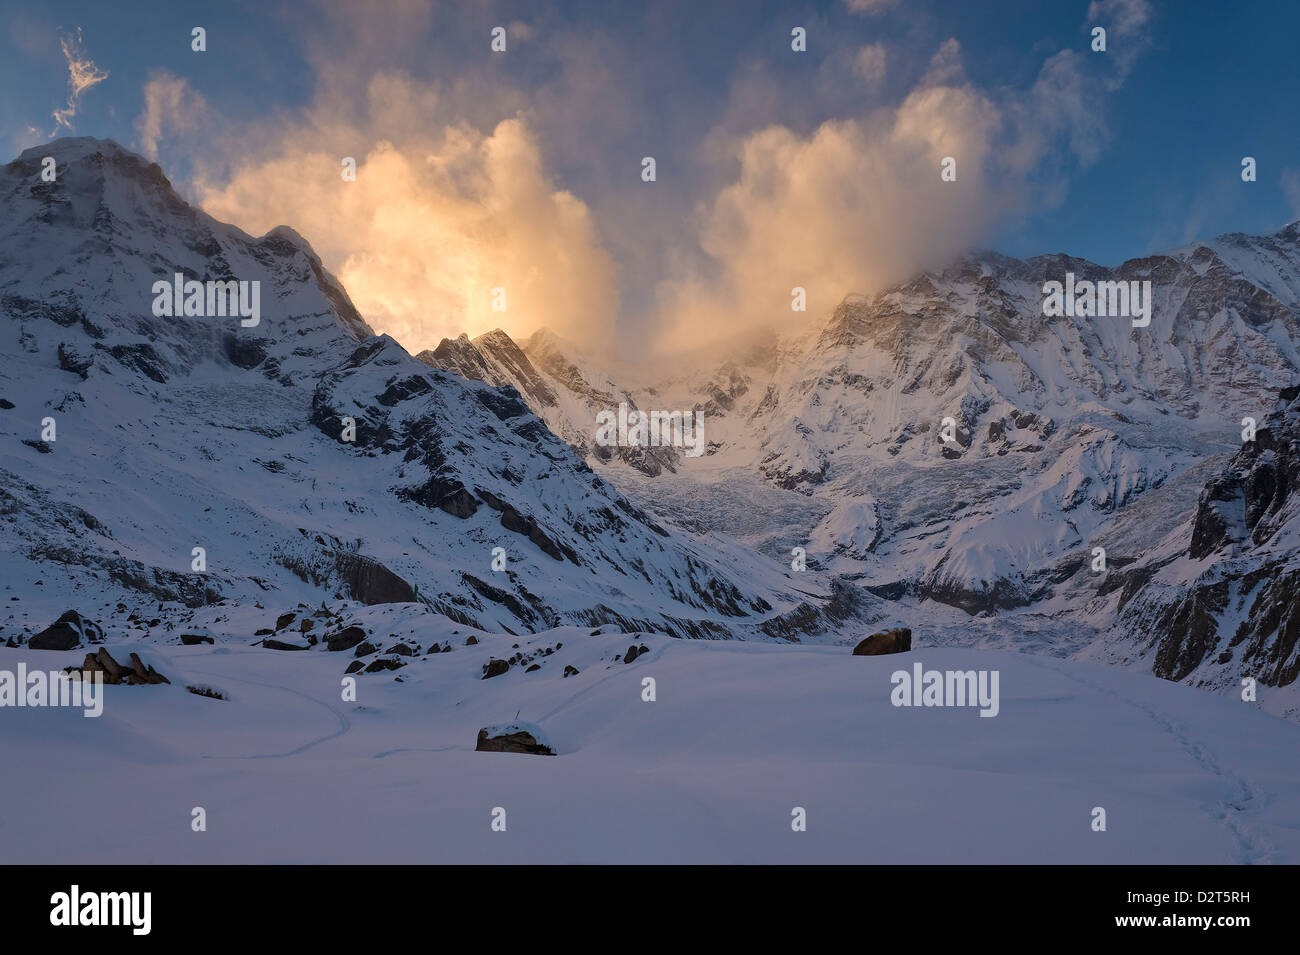 Annapurna Base Camp, Annapurna Himal, Nepal, Himalayas, Asia - Stock Image